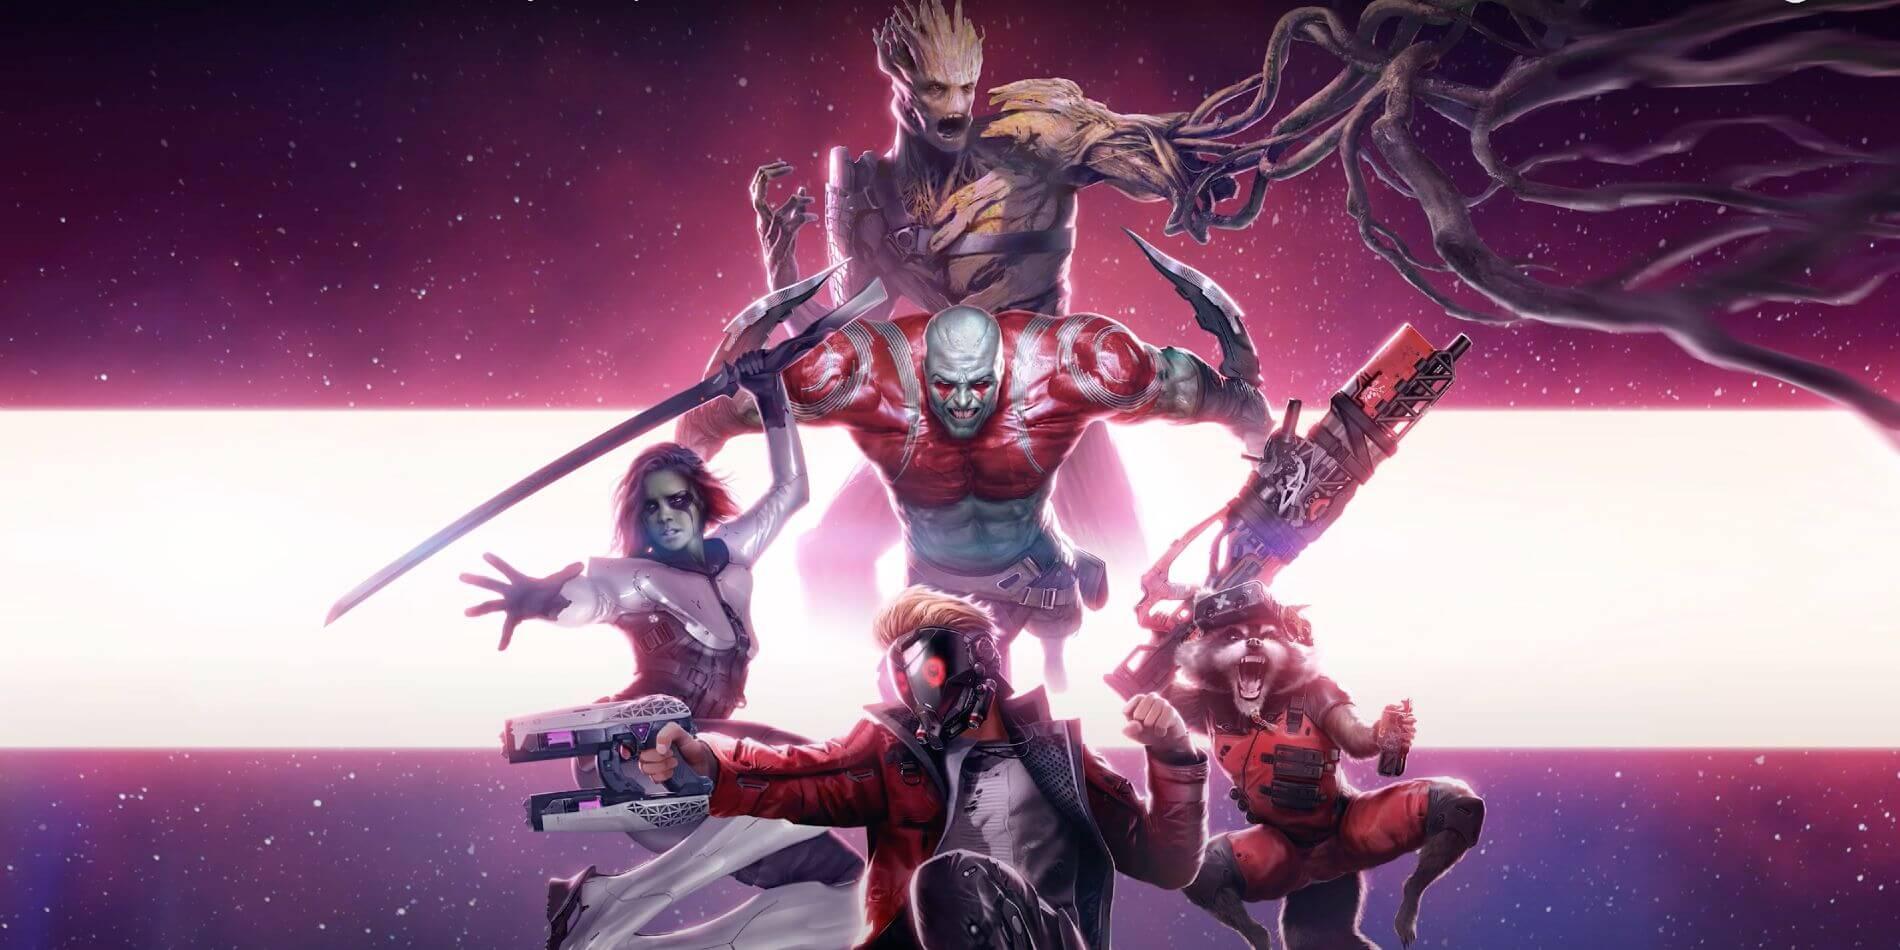 Marvel's Guardians of the Galaxy tendrá una narrativa sólida y convincente